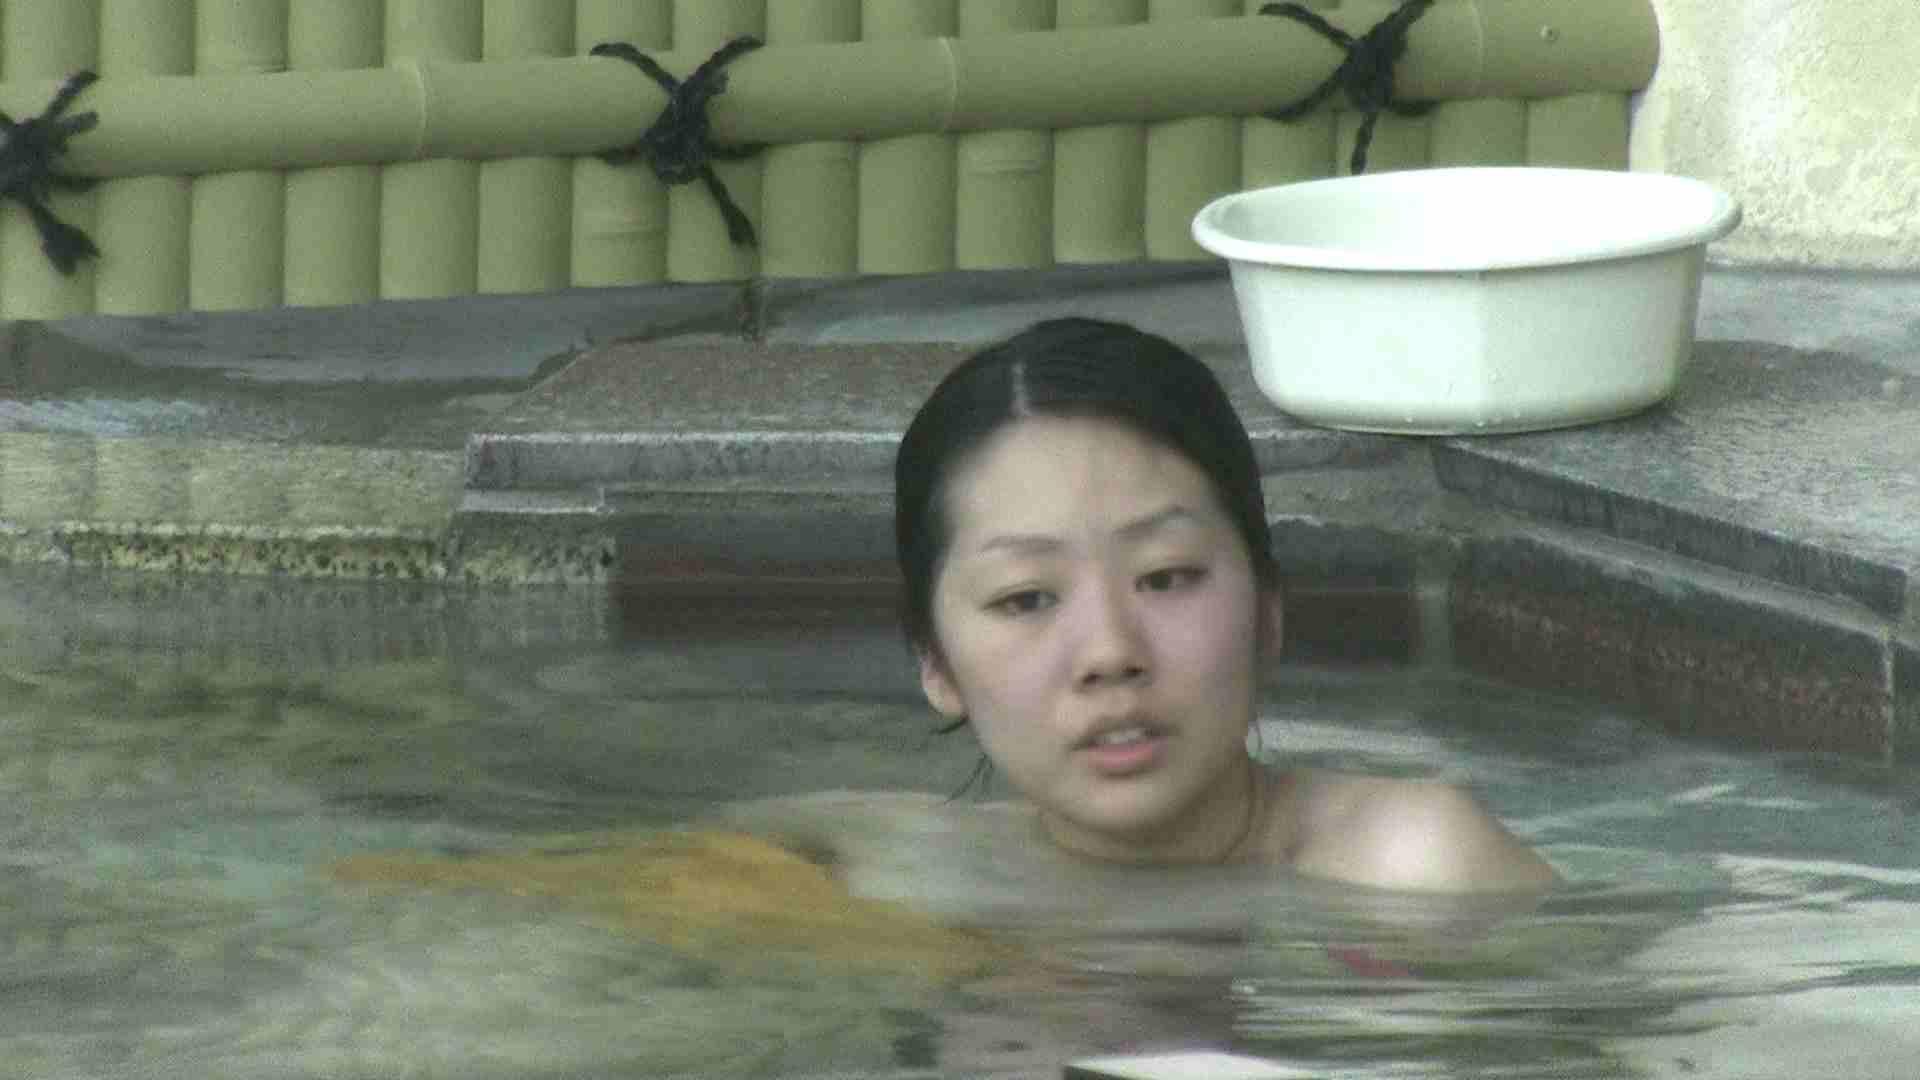 Aquaな露天風呂Vol.194 OLのエロ生活  112連発 87